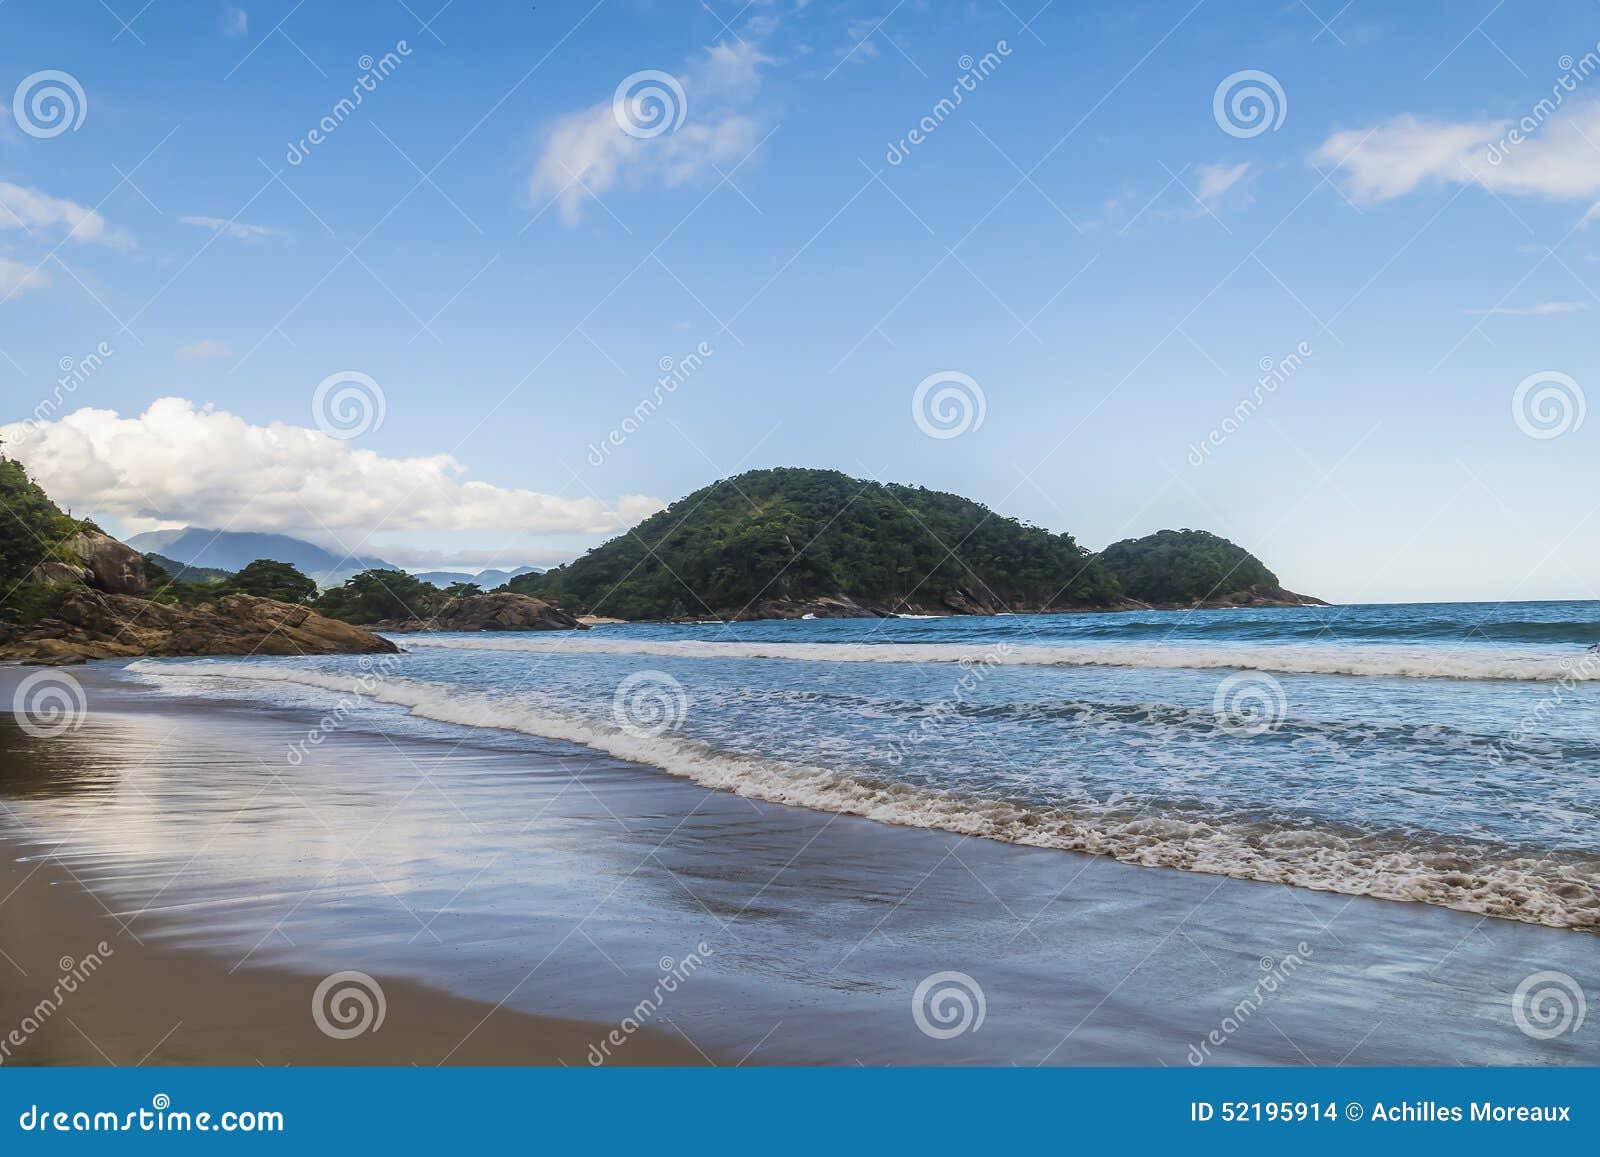 Παραλία Cachadaco στη Βραζιλία